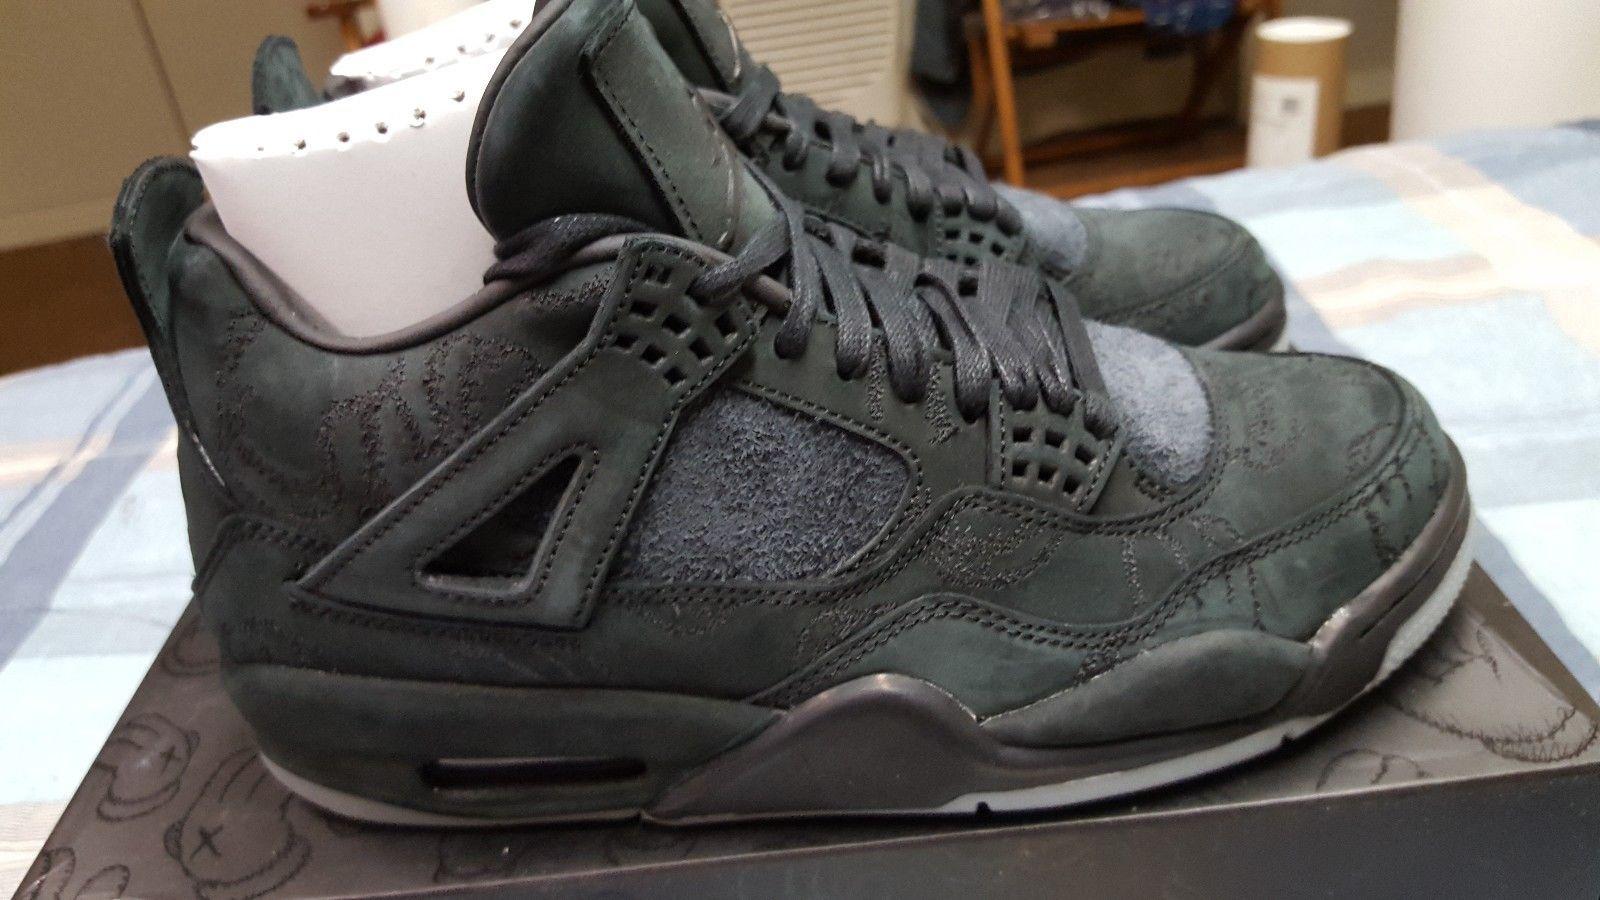 9f11dca8683e6d 100% Authentic KAWS x Nike Air Jordan 4 Black U.S. size 8 Plush Crep Markk  Ikea